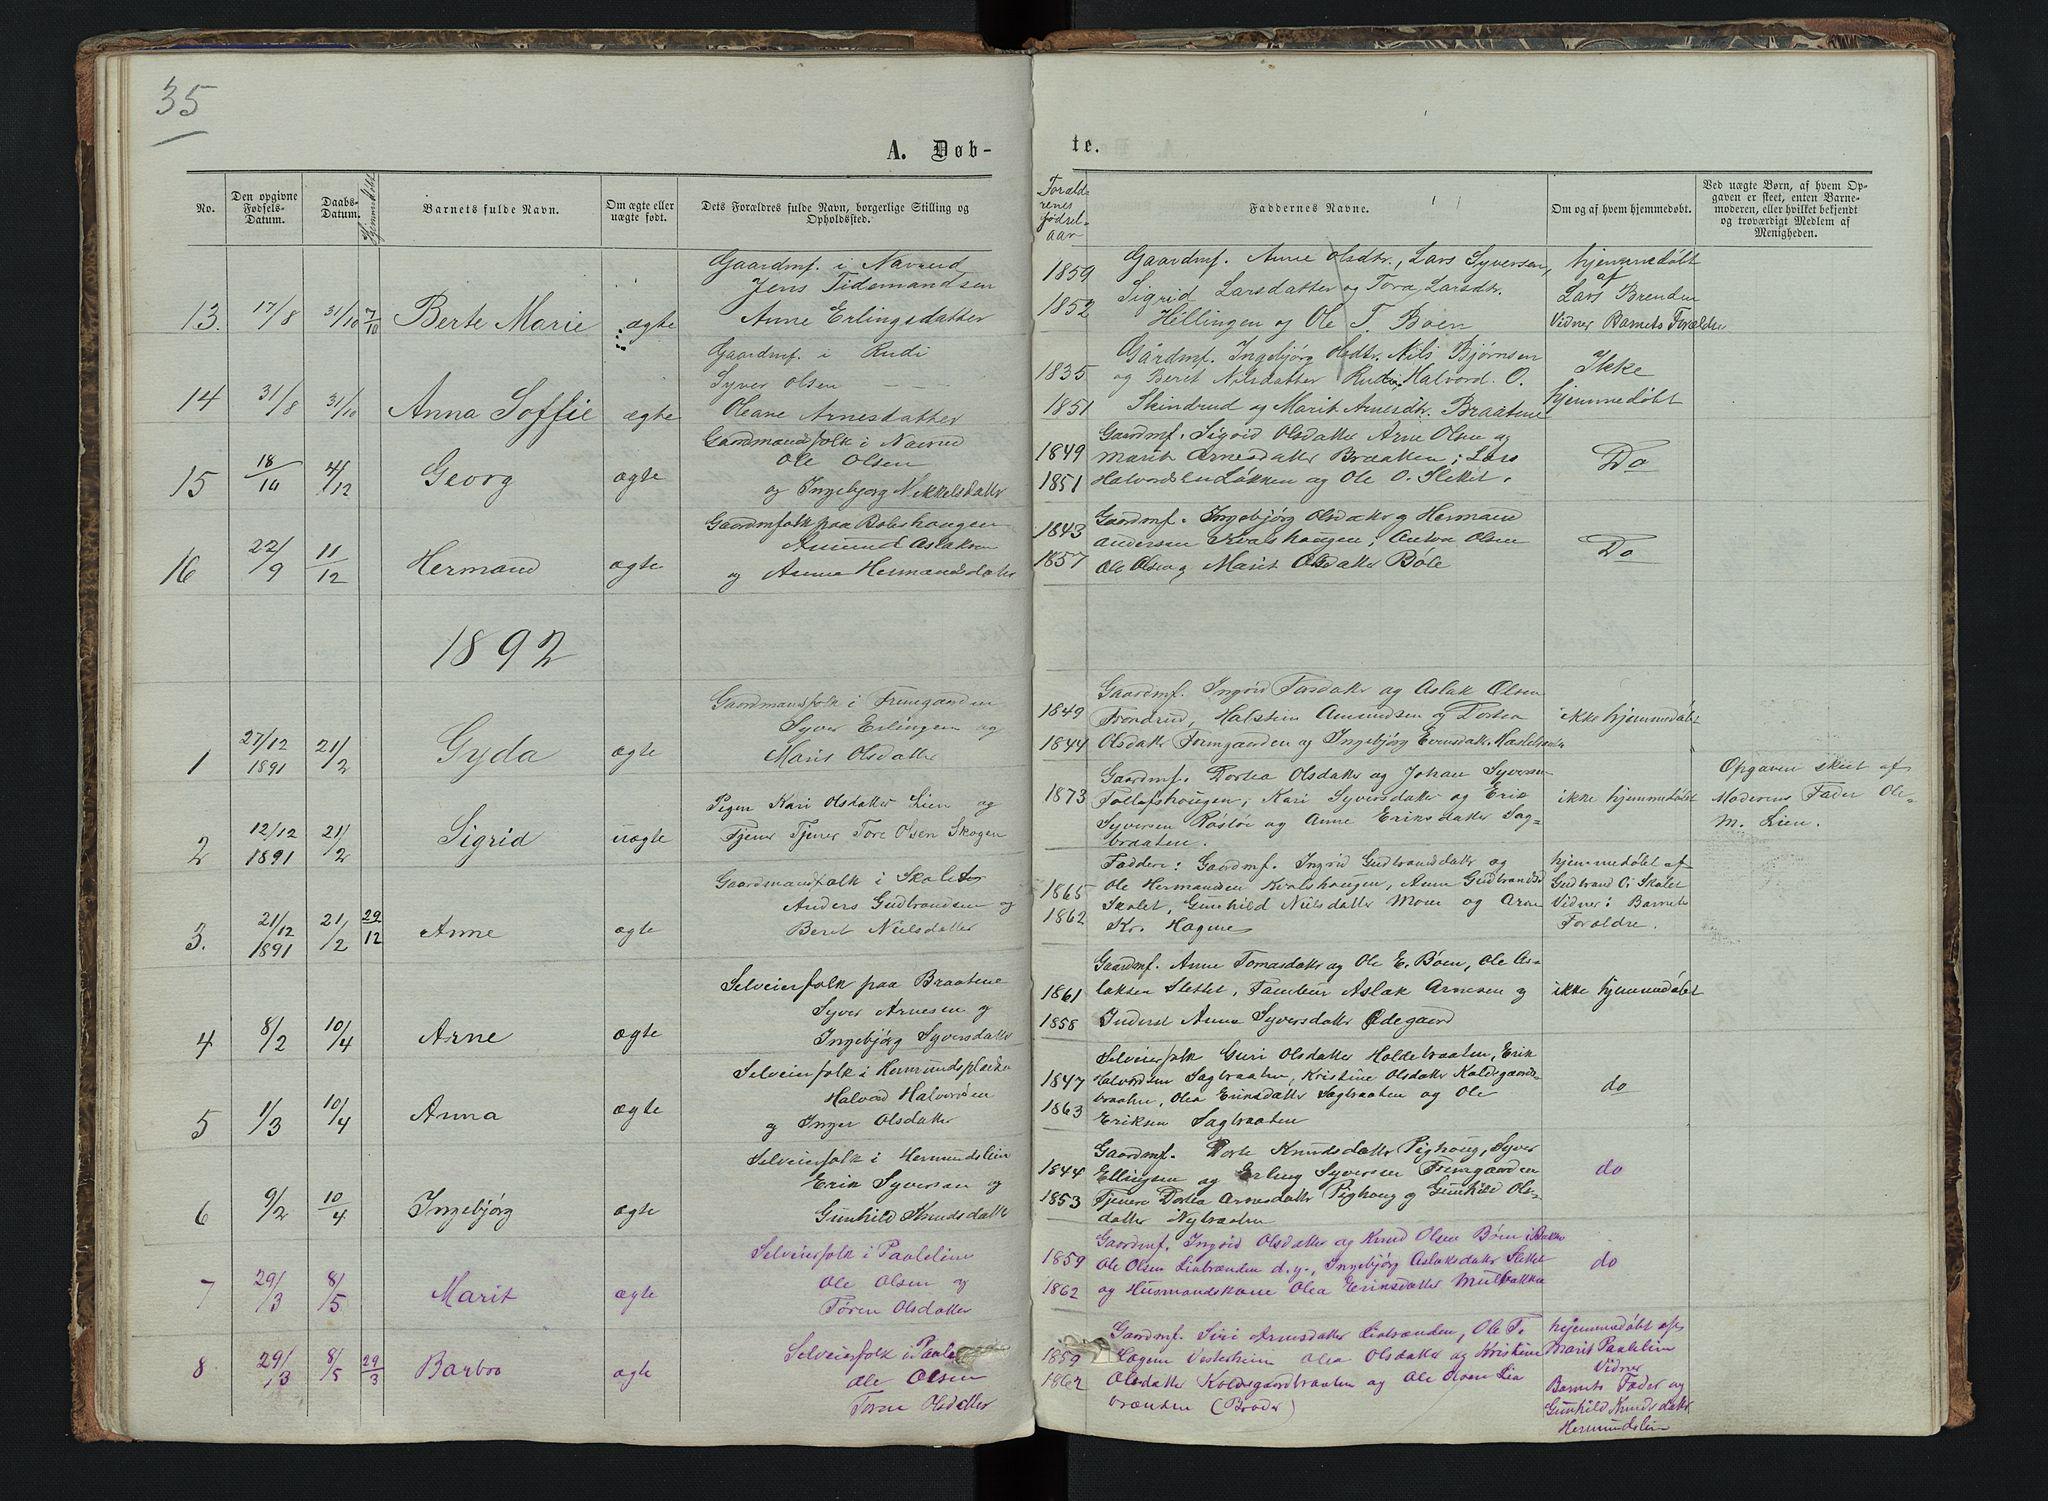 SAH, Sør-Aurdal prestekontor, Klokkerbok nr. 6, 1866-1893, s. 35